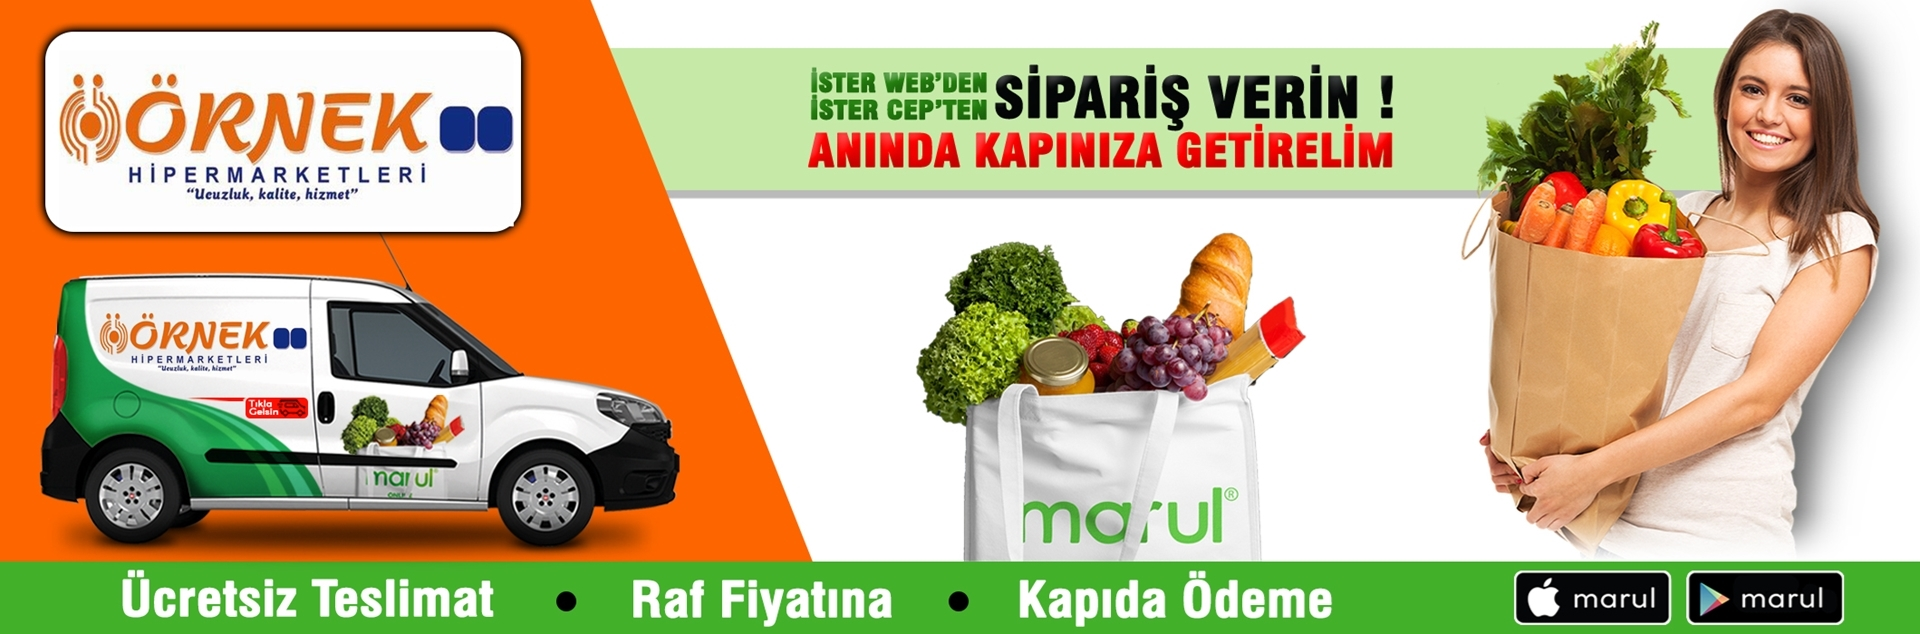 örnek market online market siparişi kıraç-3 şubesi